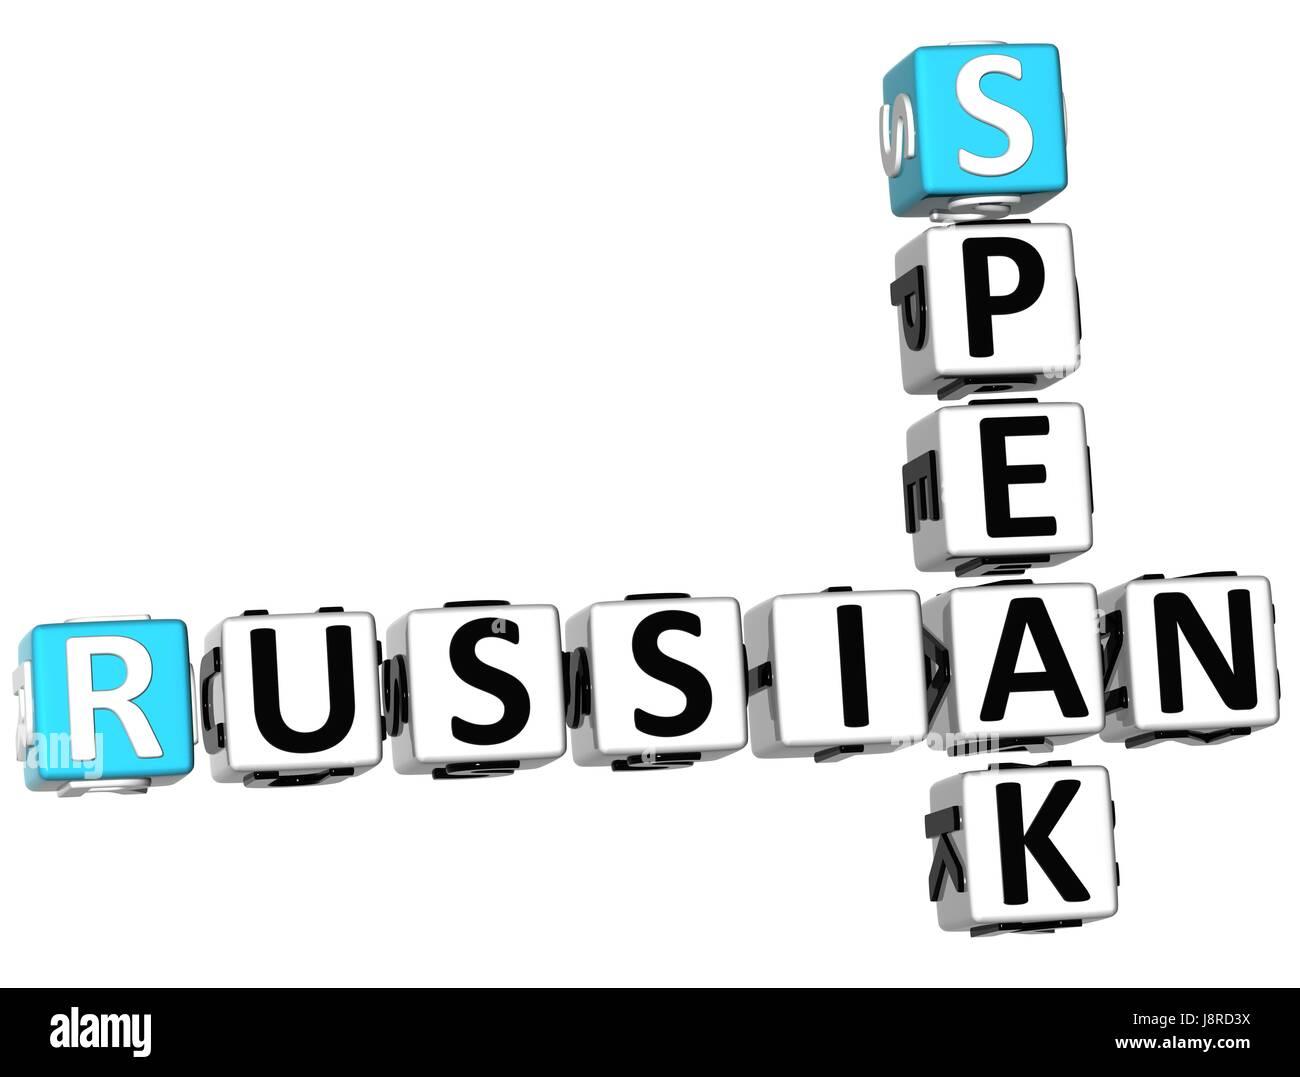 talk, speaking, speaks, spoken, speak, talking, chat, nattering, study, - Stock Image